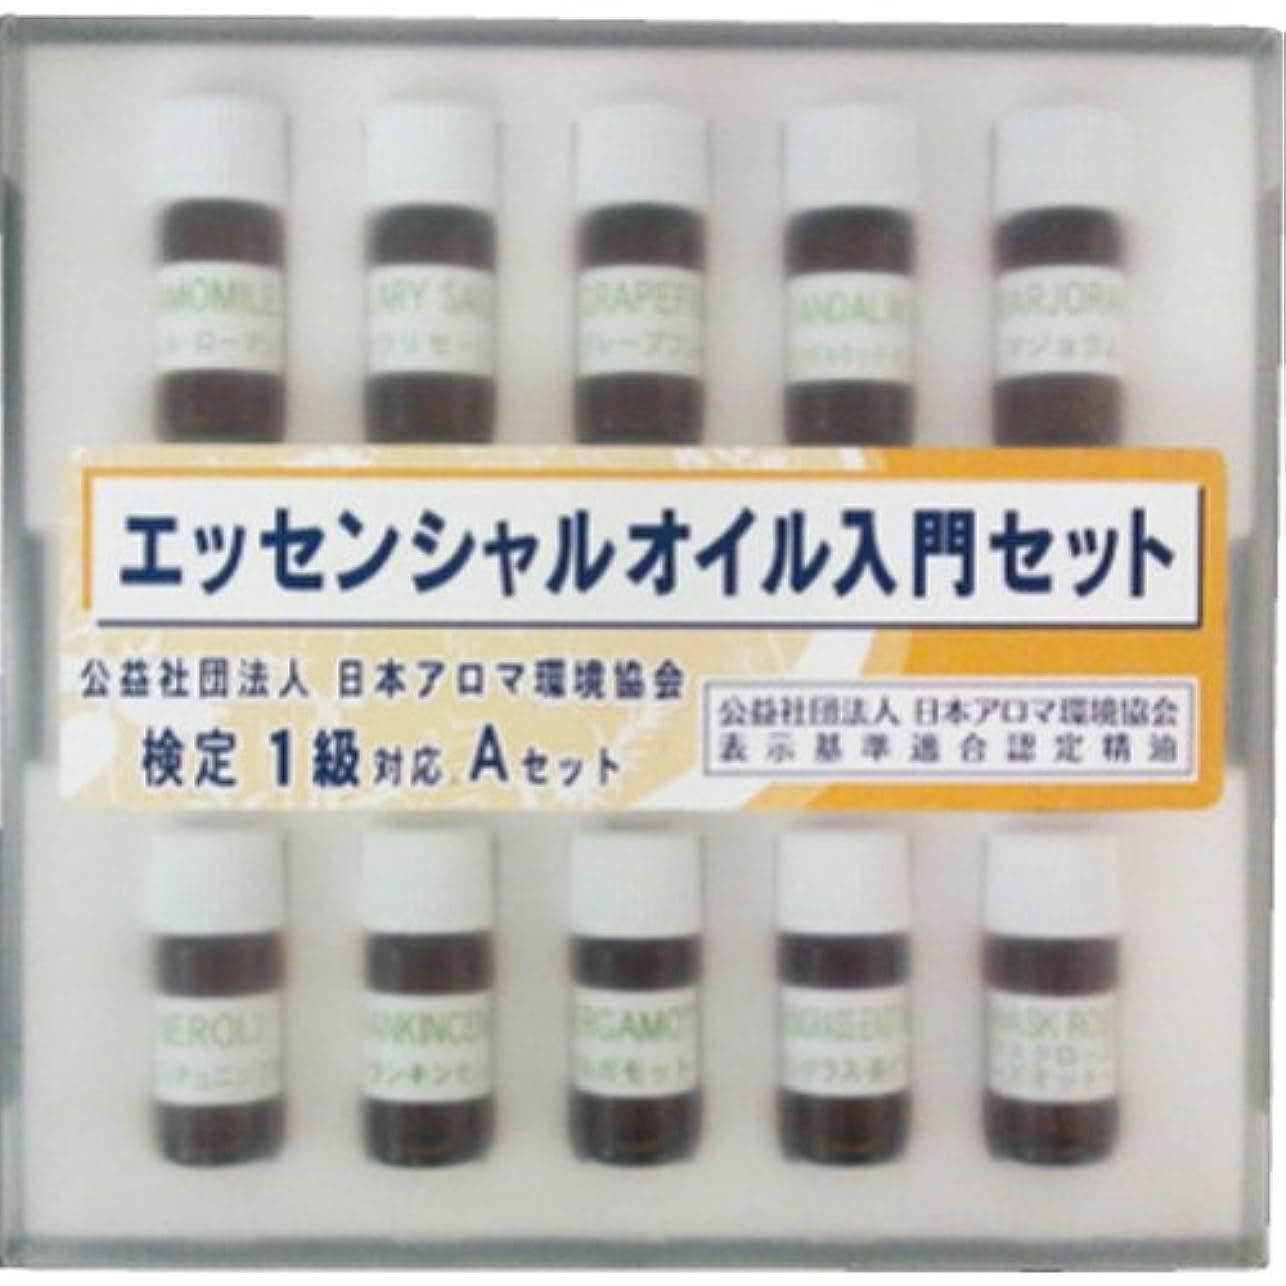 見捨てる落胆させる学んだ生活の木 (公社)日本アロマ環境協会資格試験対応セット 検定1級対応Aセット